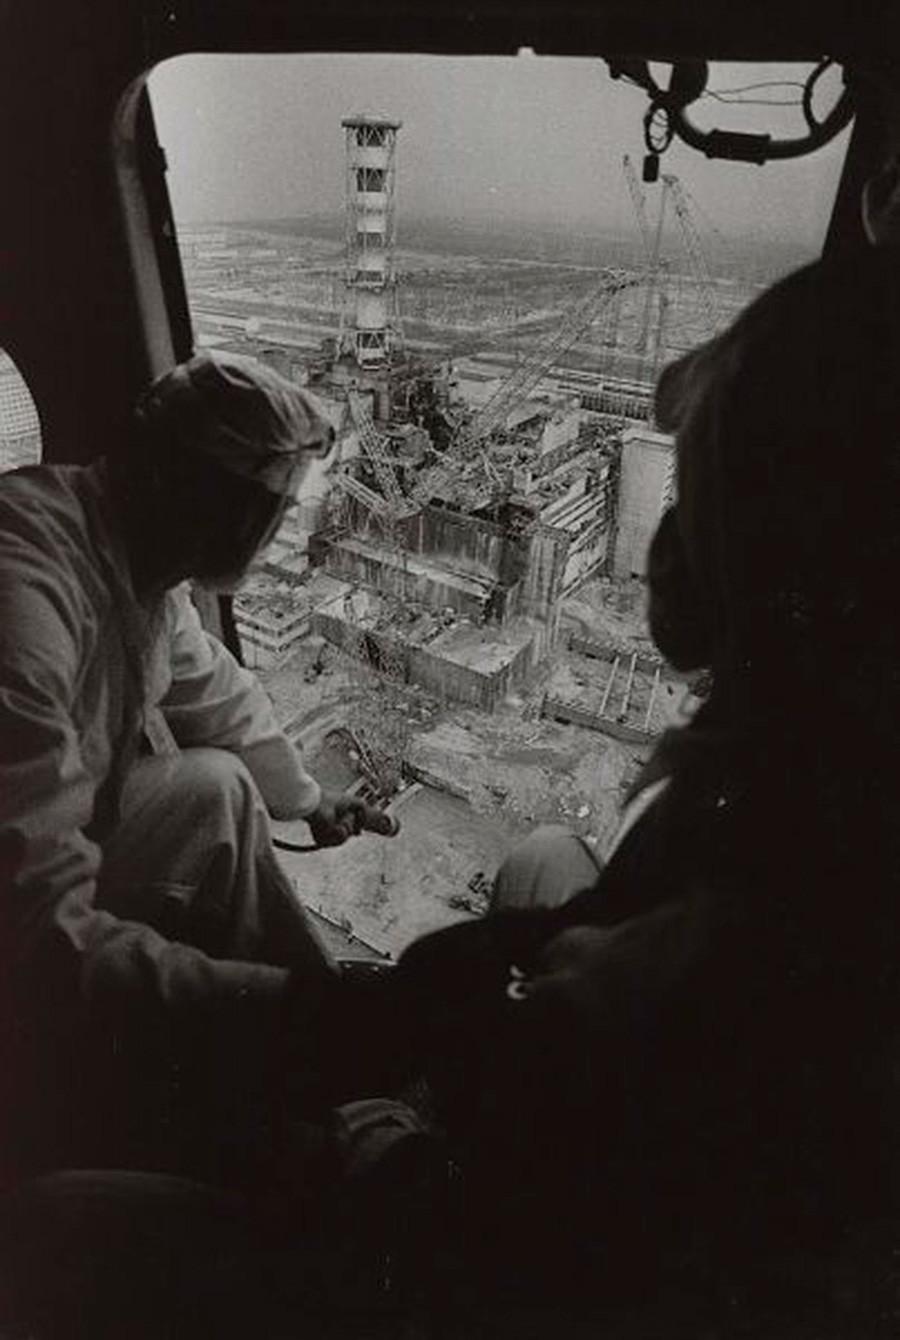 Medindo a radiação a partir de um helicóptero, 1986